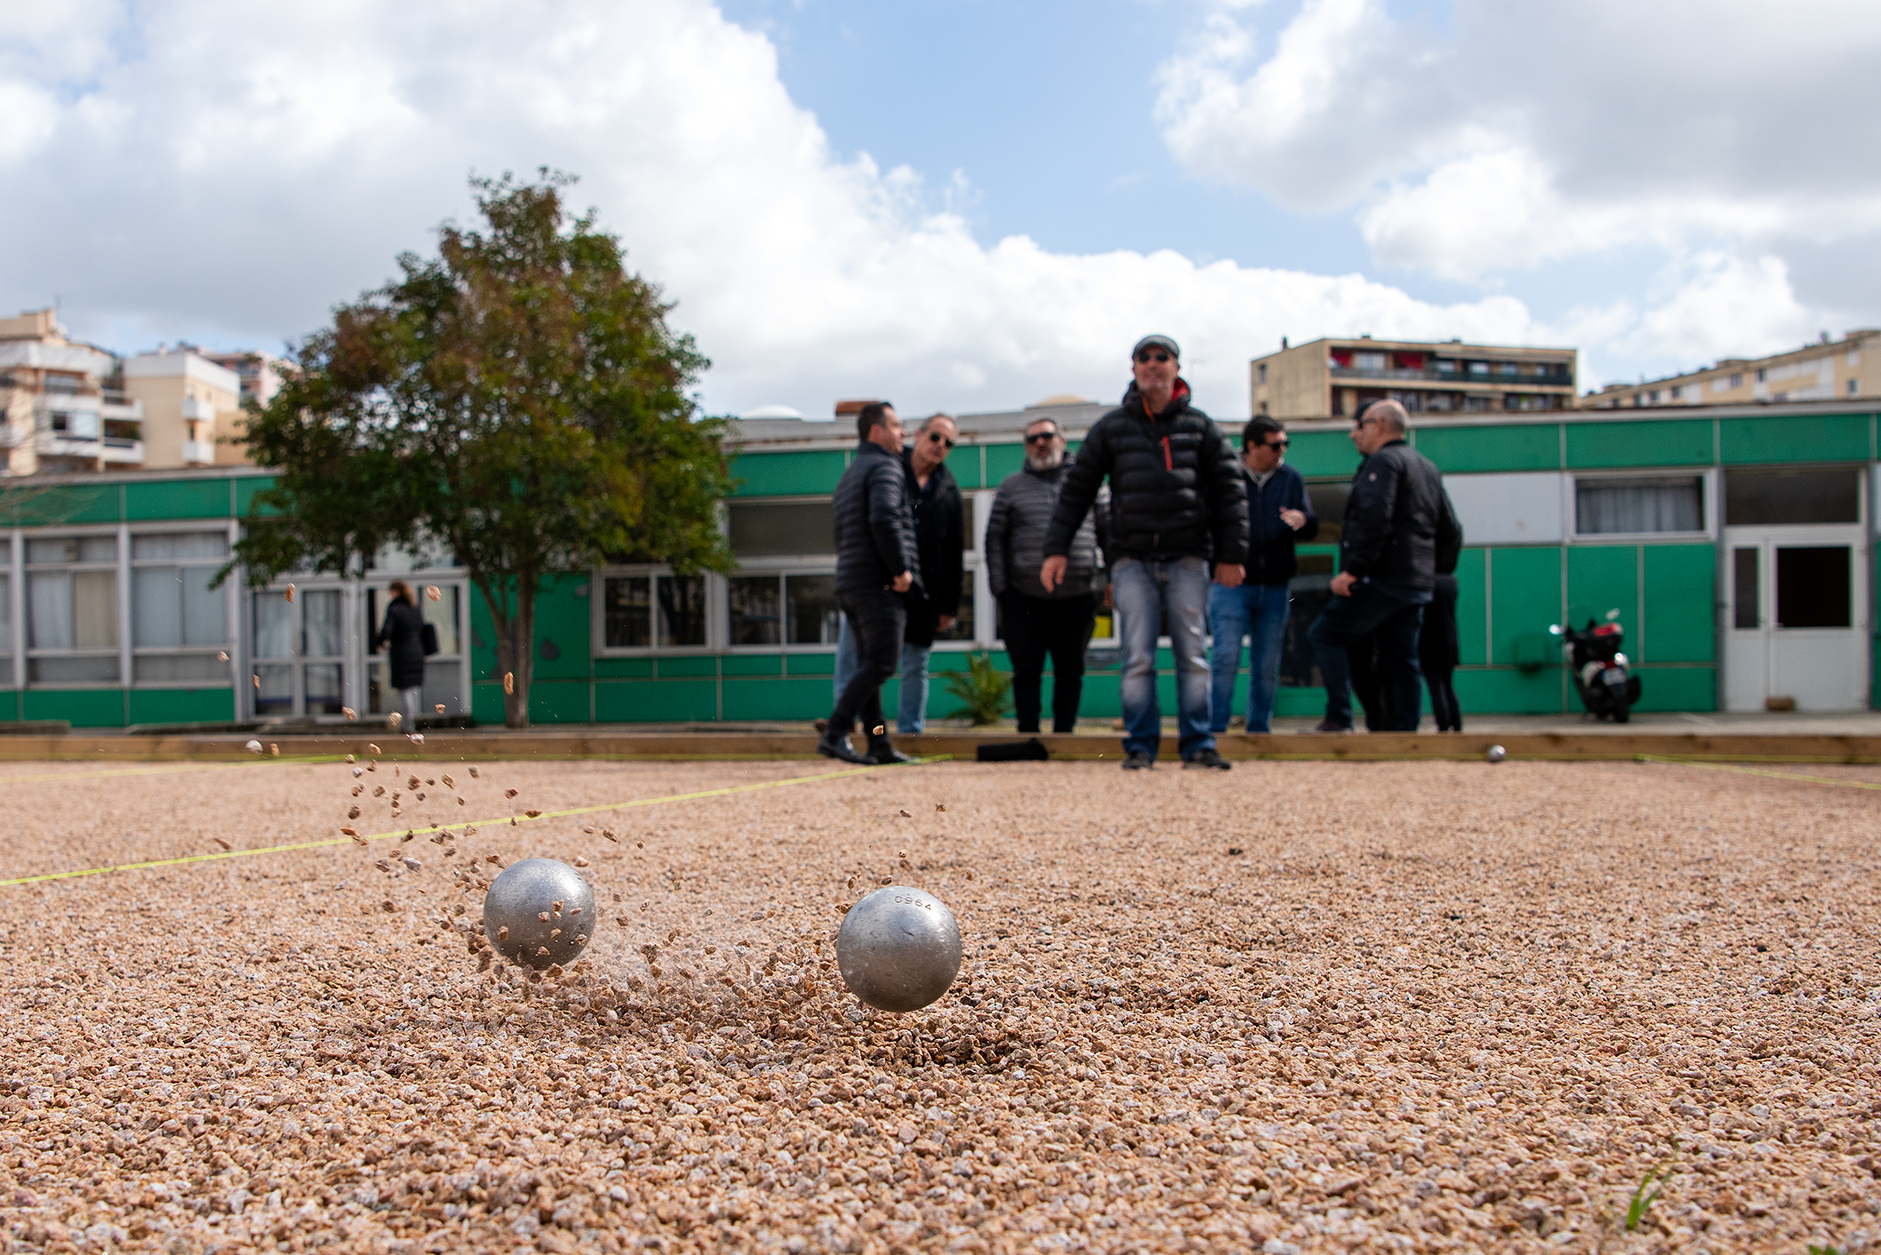 Depuis plusieurs années, la ville d'Ajaccio réfléchissait à la création d'un boulodrome afin de permettre la pratique de ce jeux très populaire et de donner la possibilité de développer des écoles de pétanque.